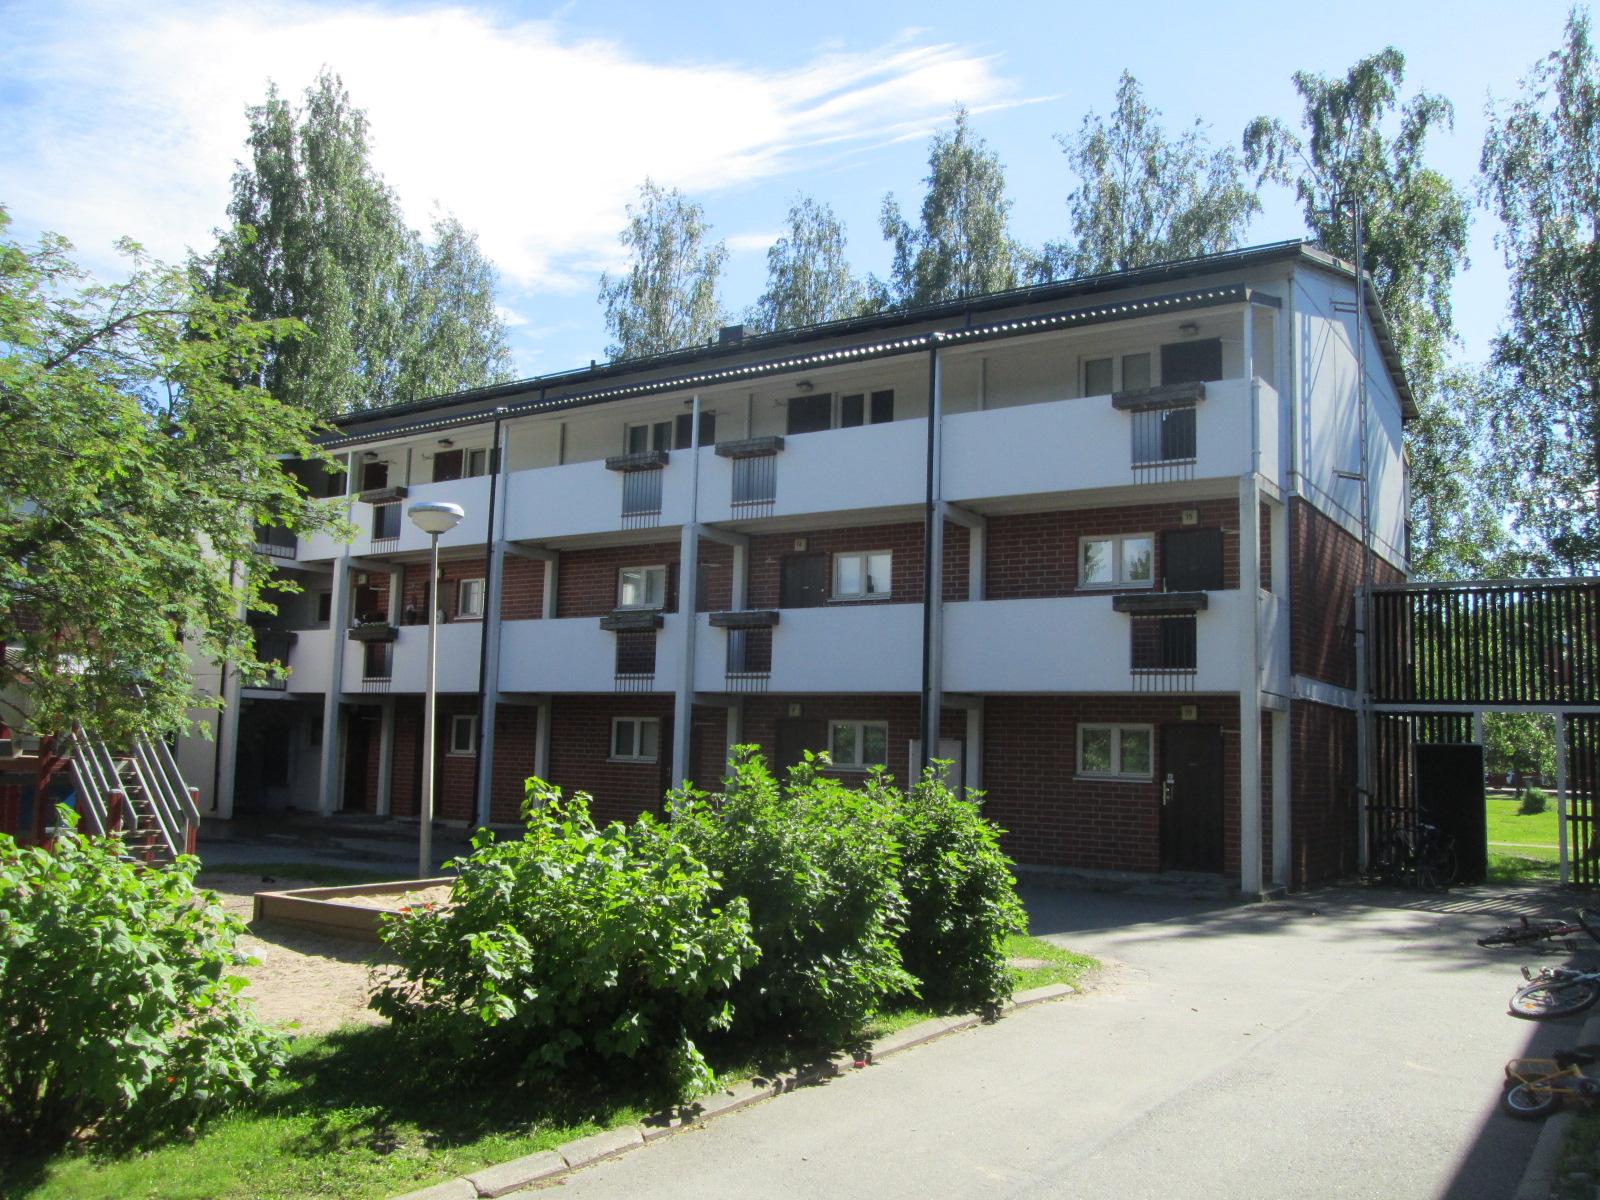 35 m² Naapuripellontie 5, Malminkartano, Helsinki 1h,kk,kph Hp 148 000 €